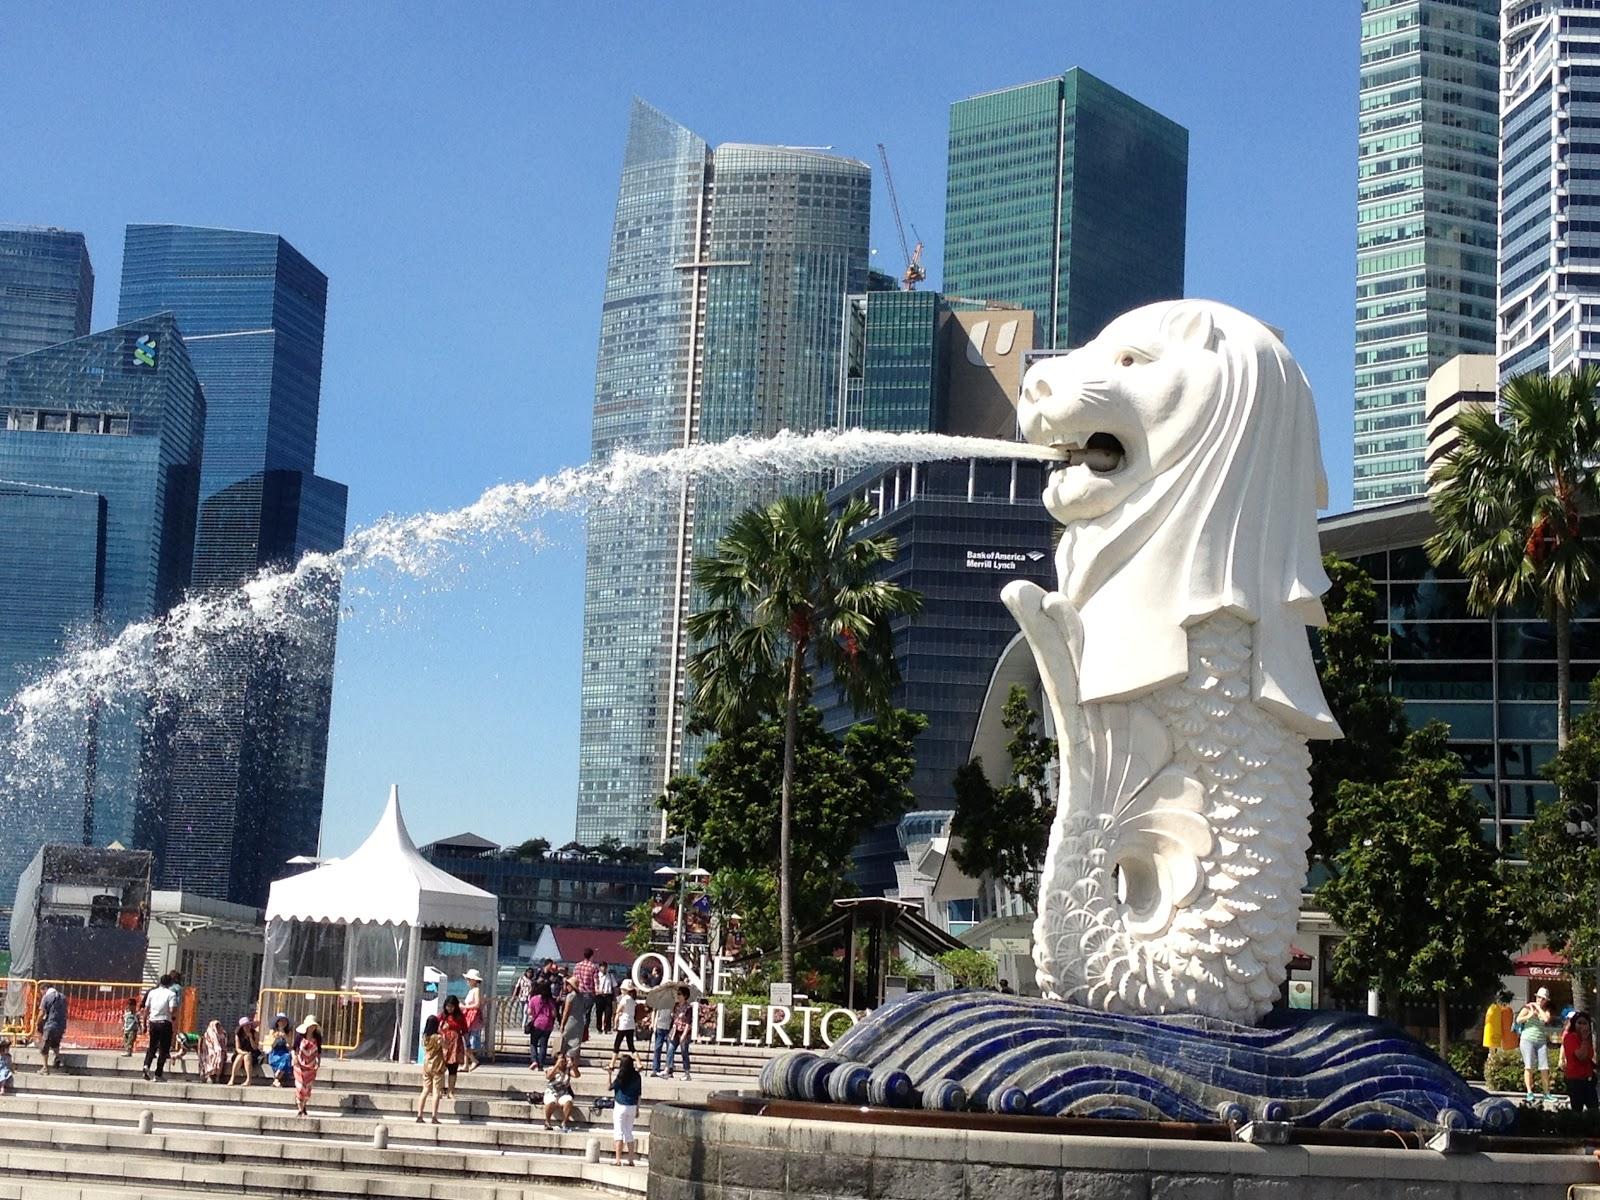 シンガポール・時差はたった1時間!通貨に気候など基本情報や魅力を詳細に解説!